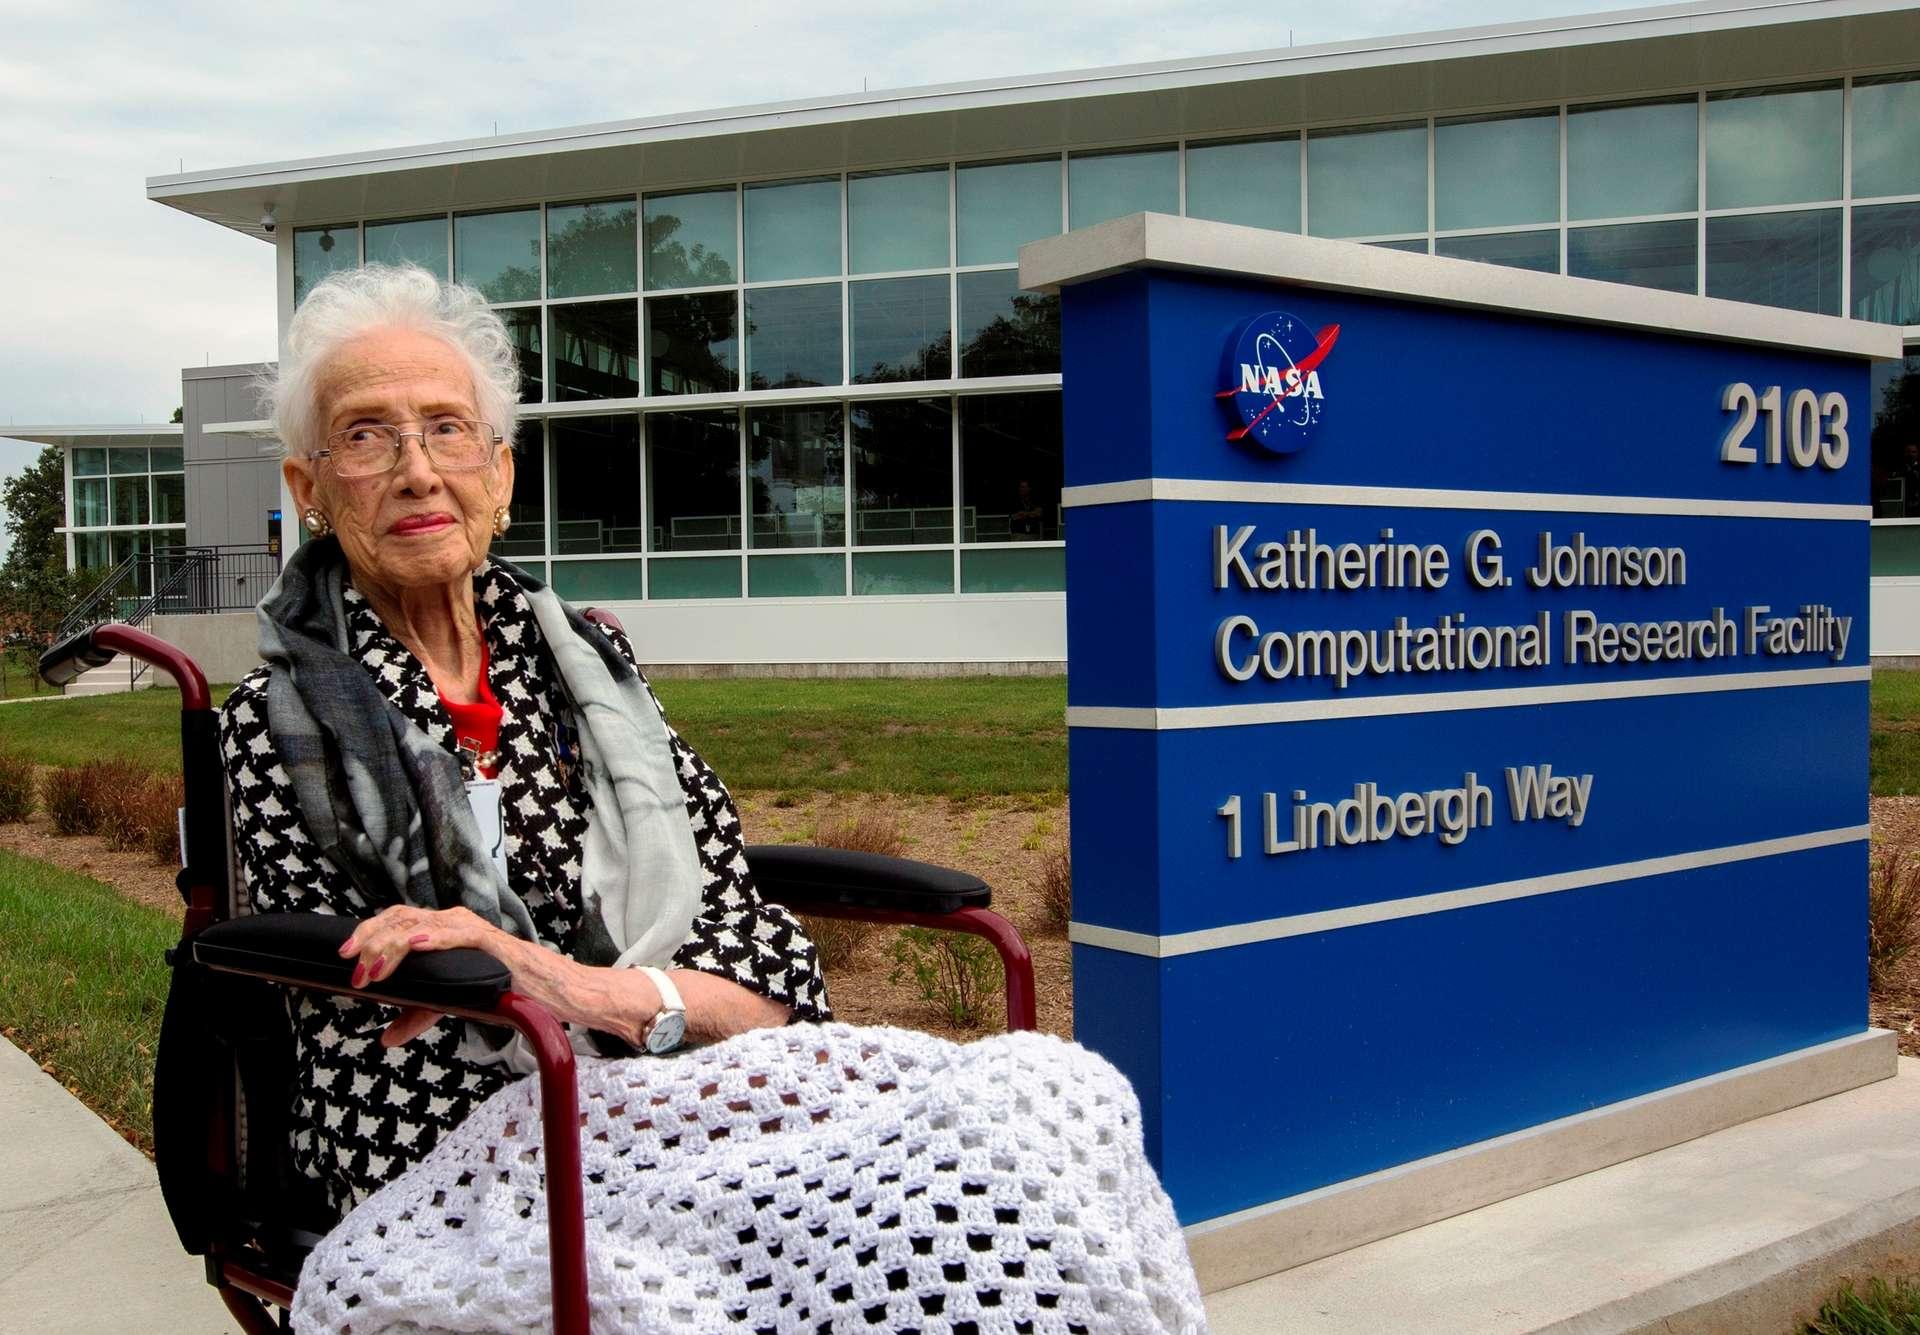 En 2017, le centre de recherche informatique Katherine G. Johnson à Hampton, en Virginie, est nommée en l'honneur de la mathématicienne. © Nasa